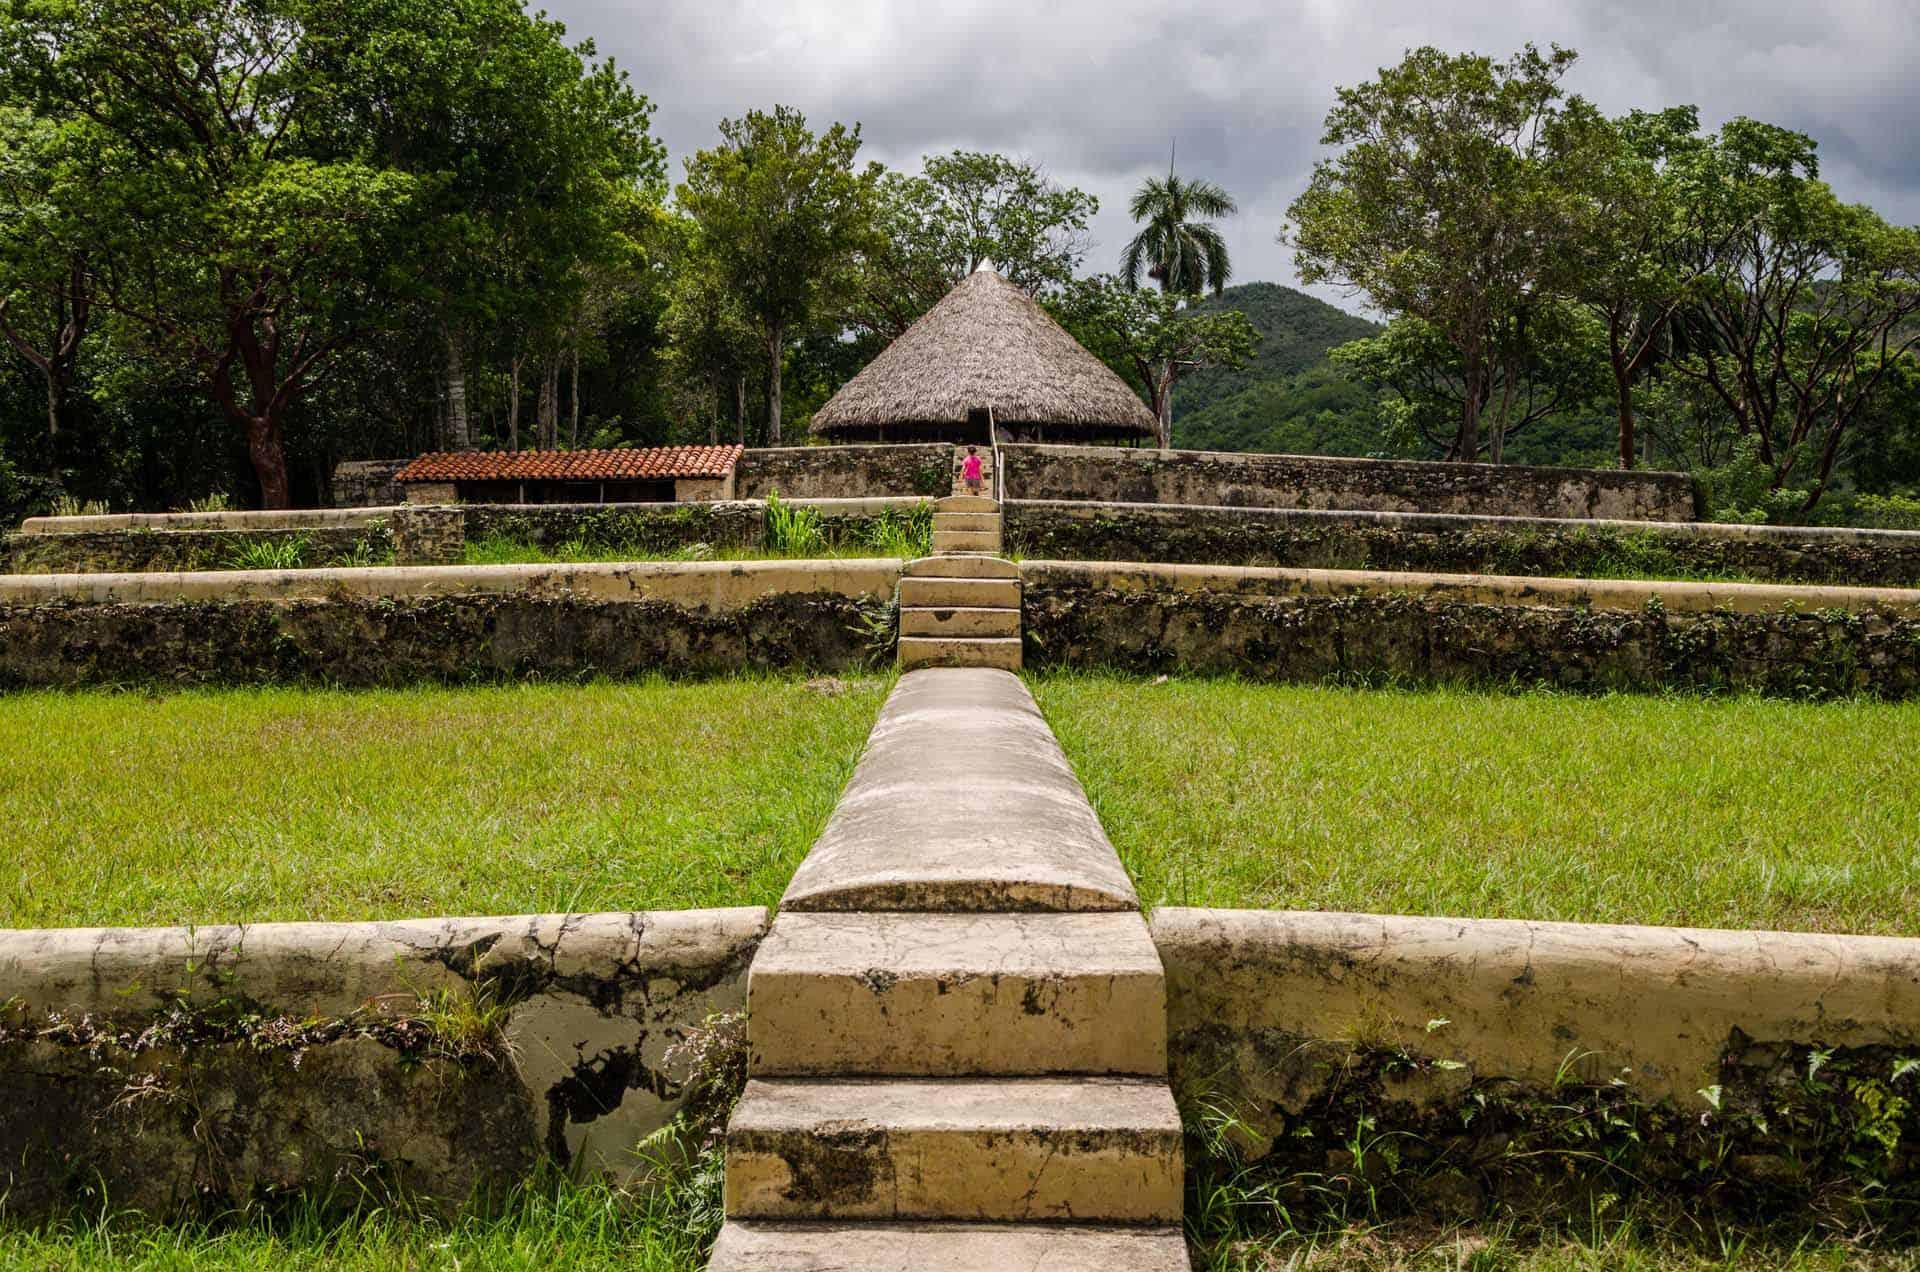 las terrazas ruines restaurees plantation de cafe nature cuba autrement